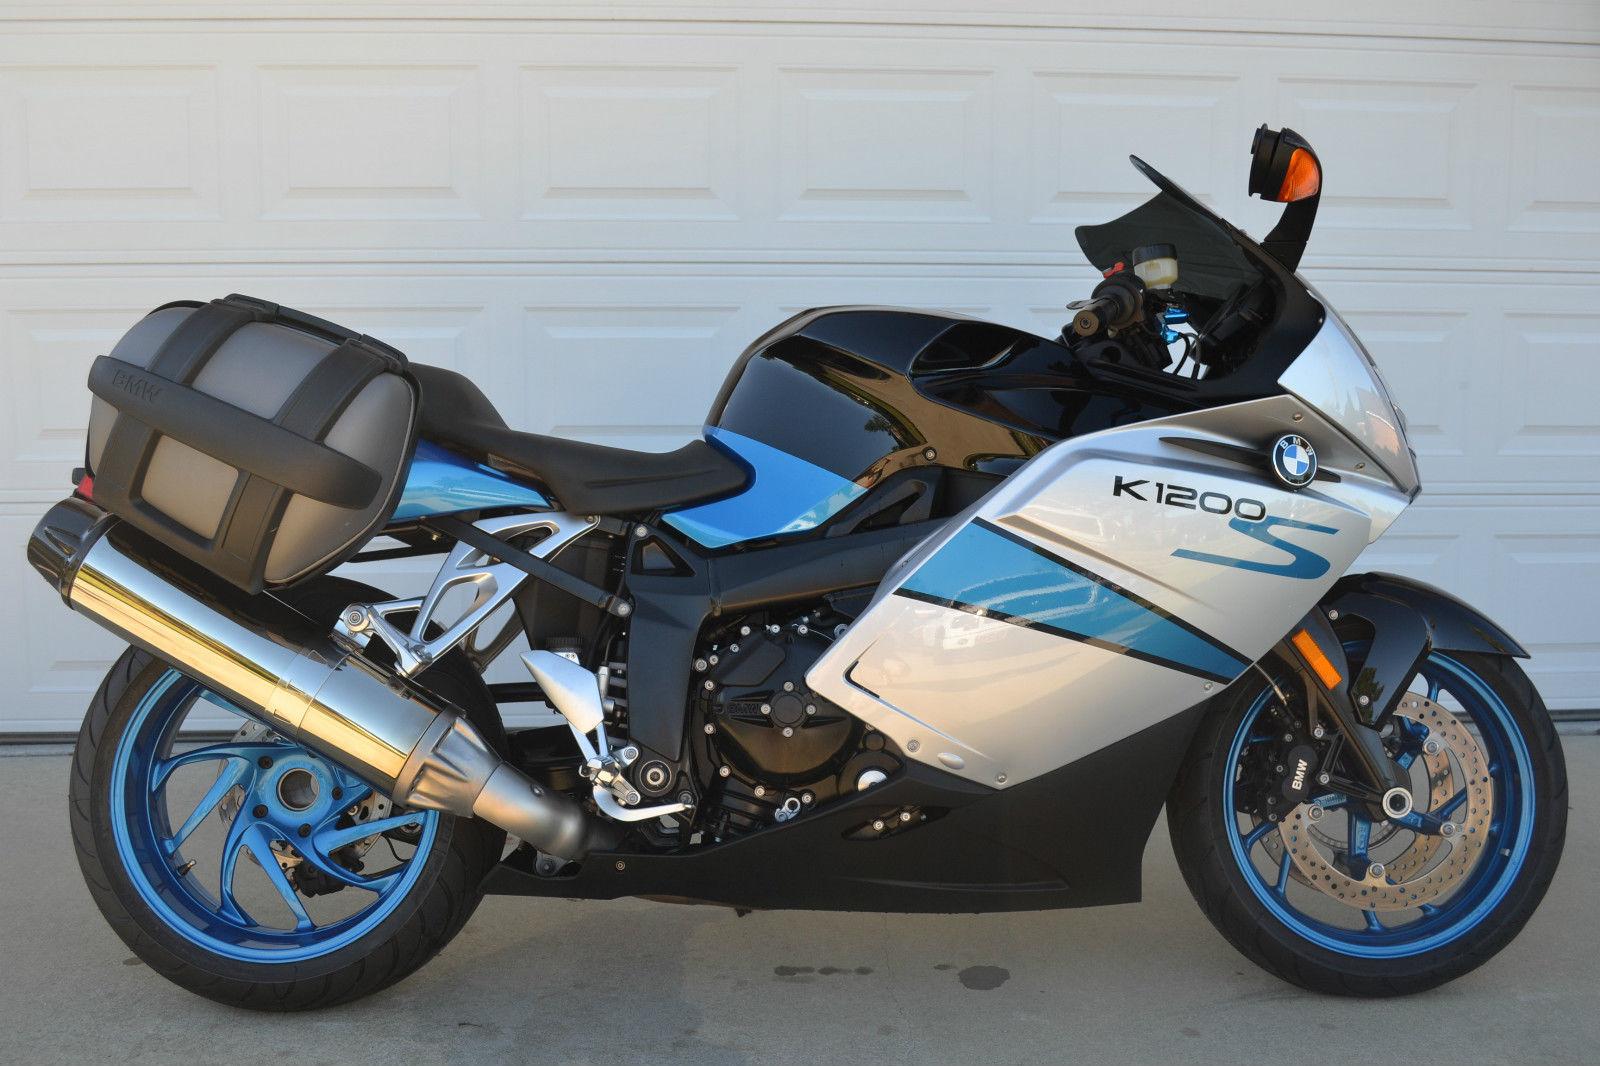 Bmw K1200 Sport Touring Motorcycle